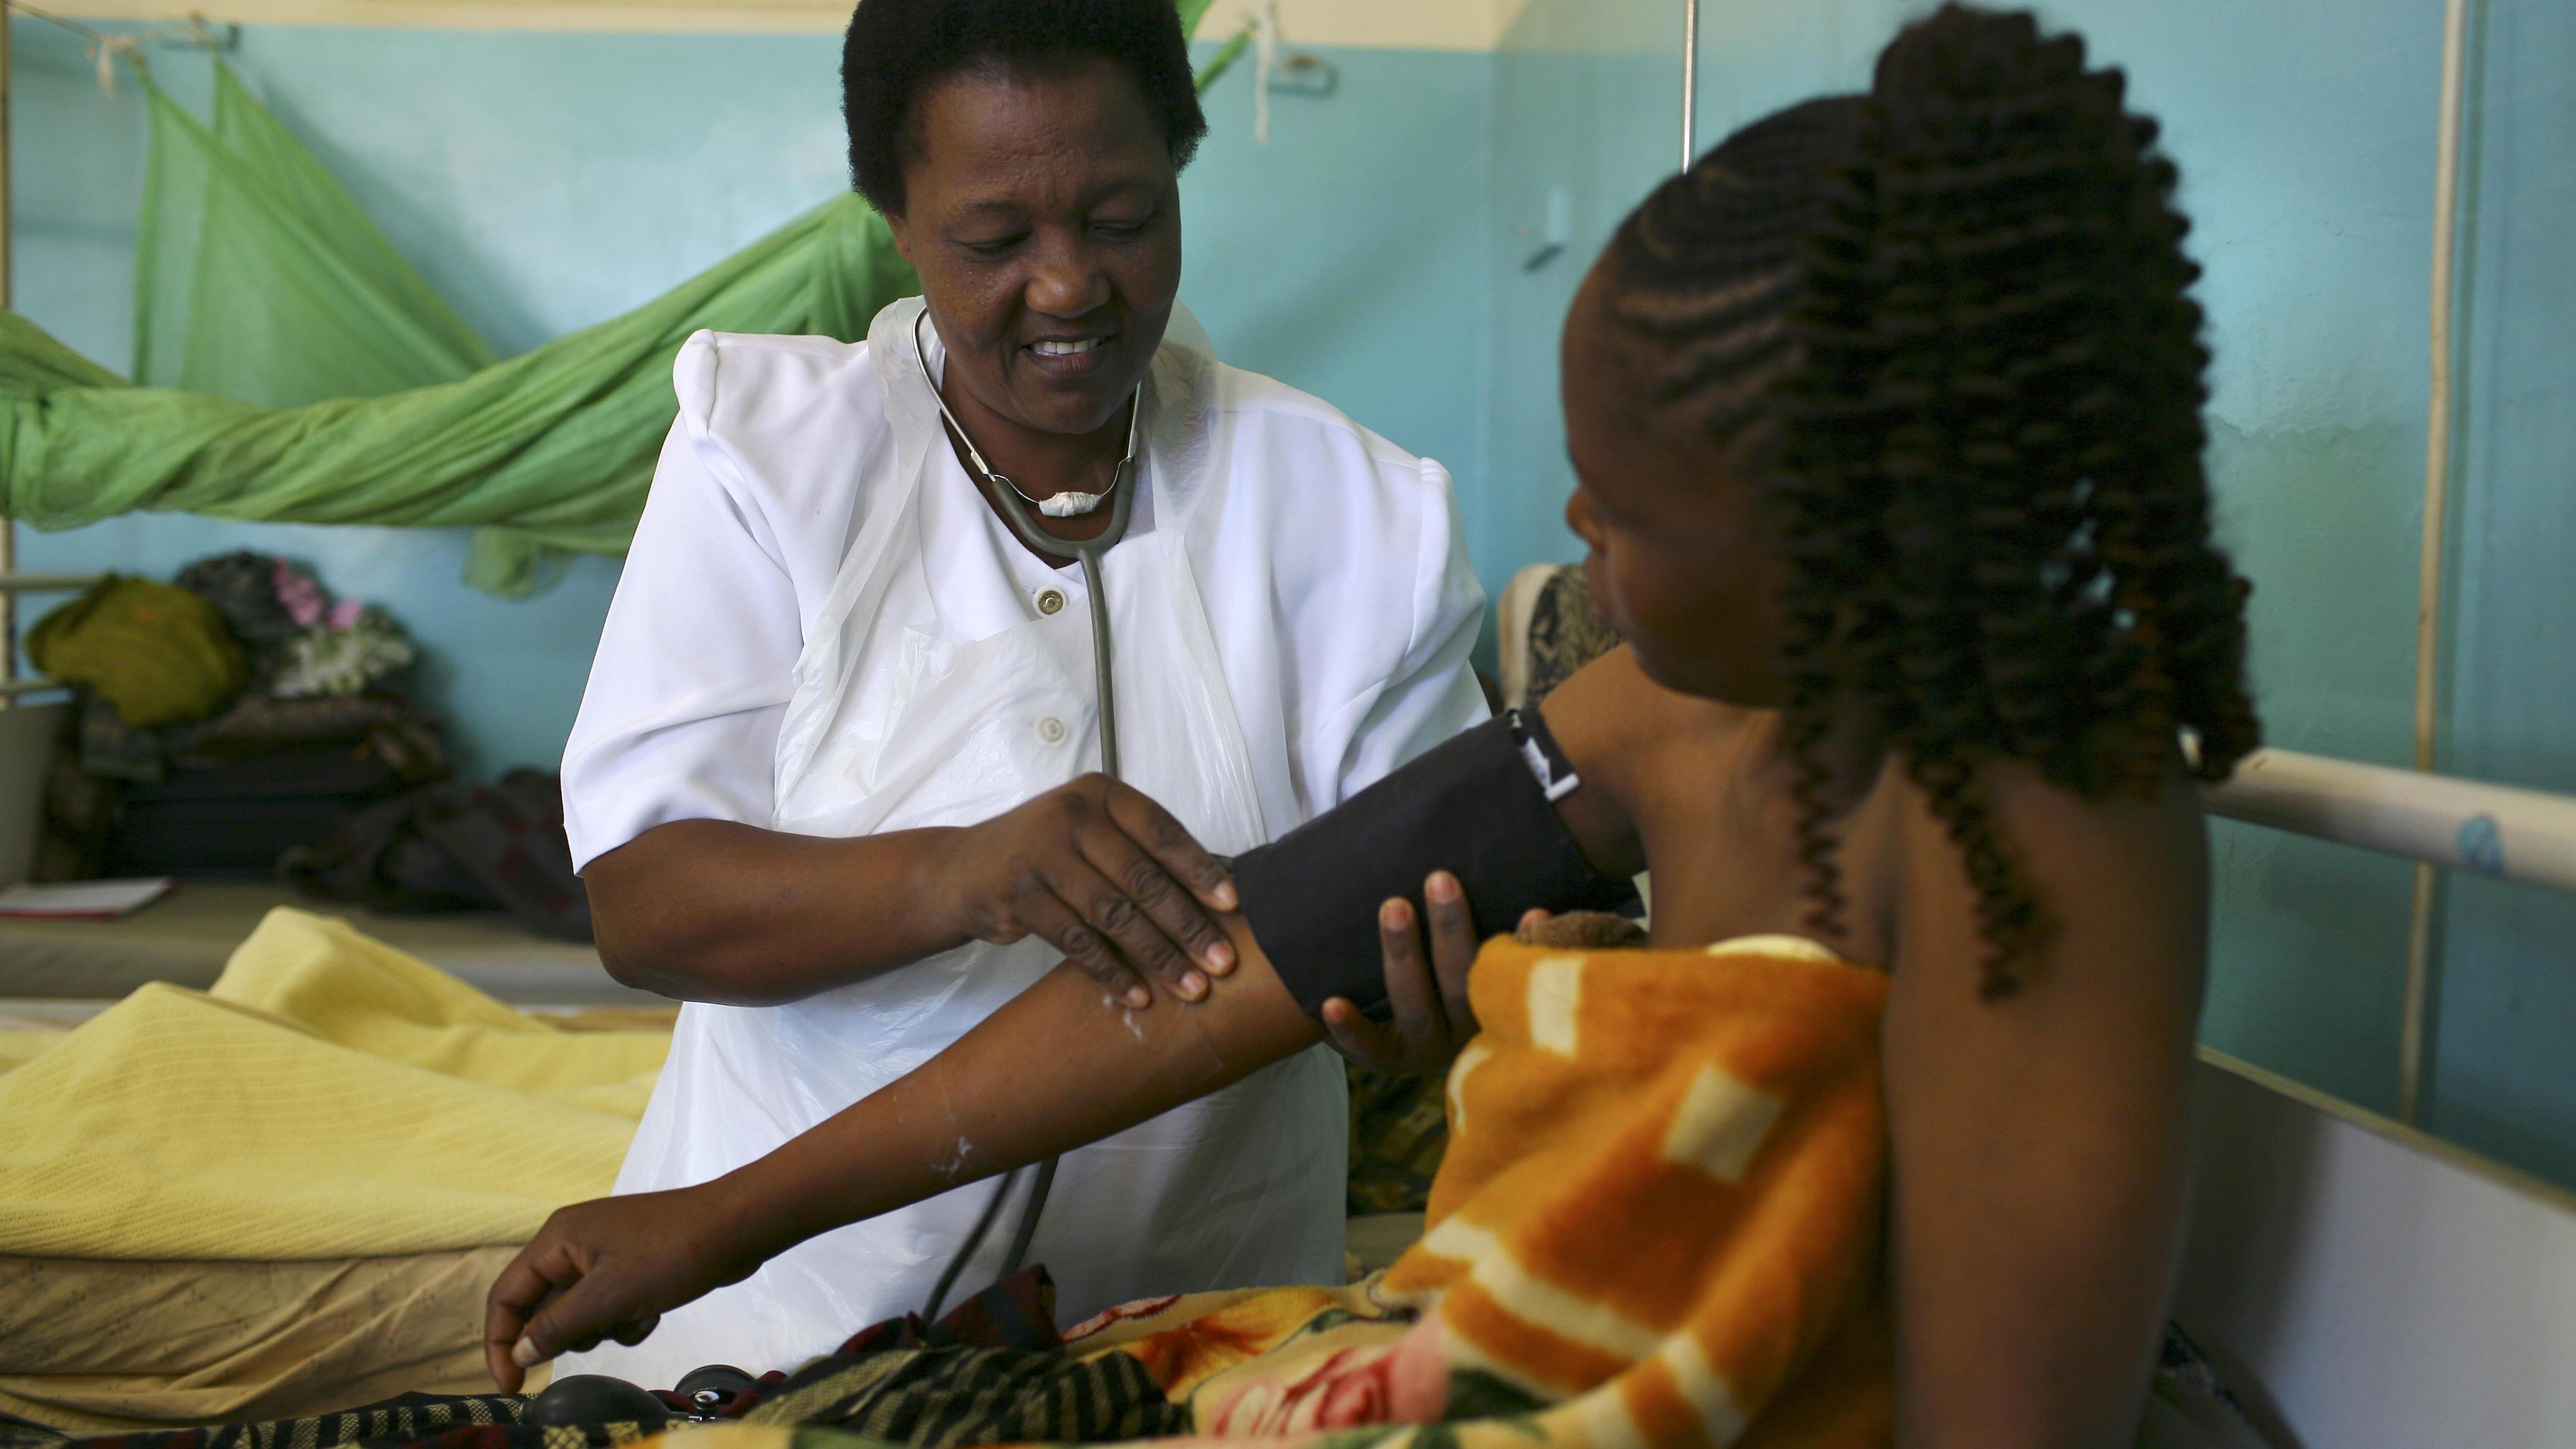 Eine Krankenschwester misst den Blutdruck einer Patientin